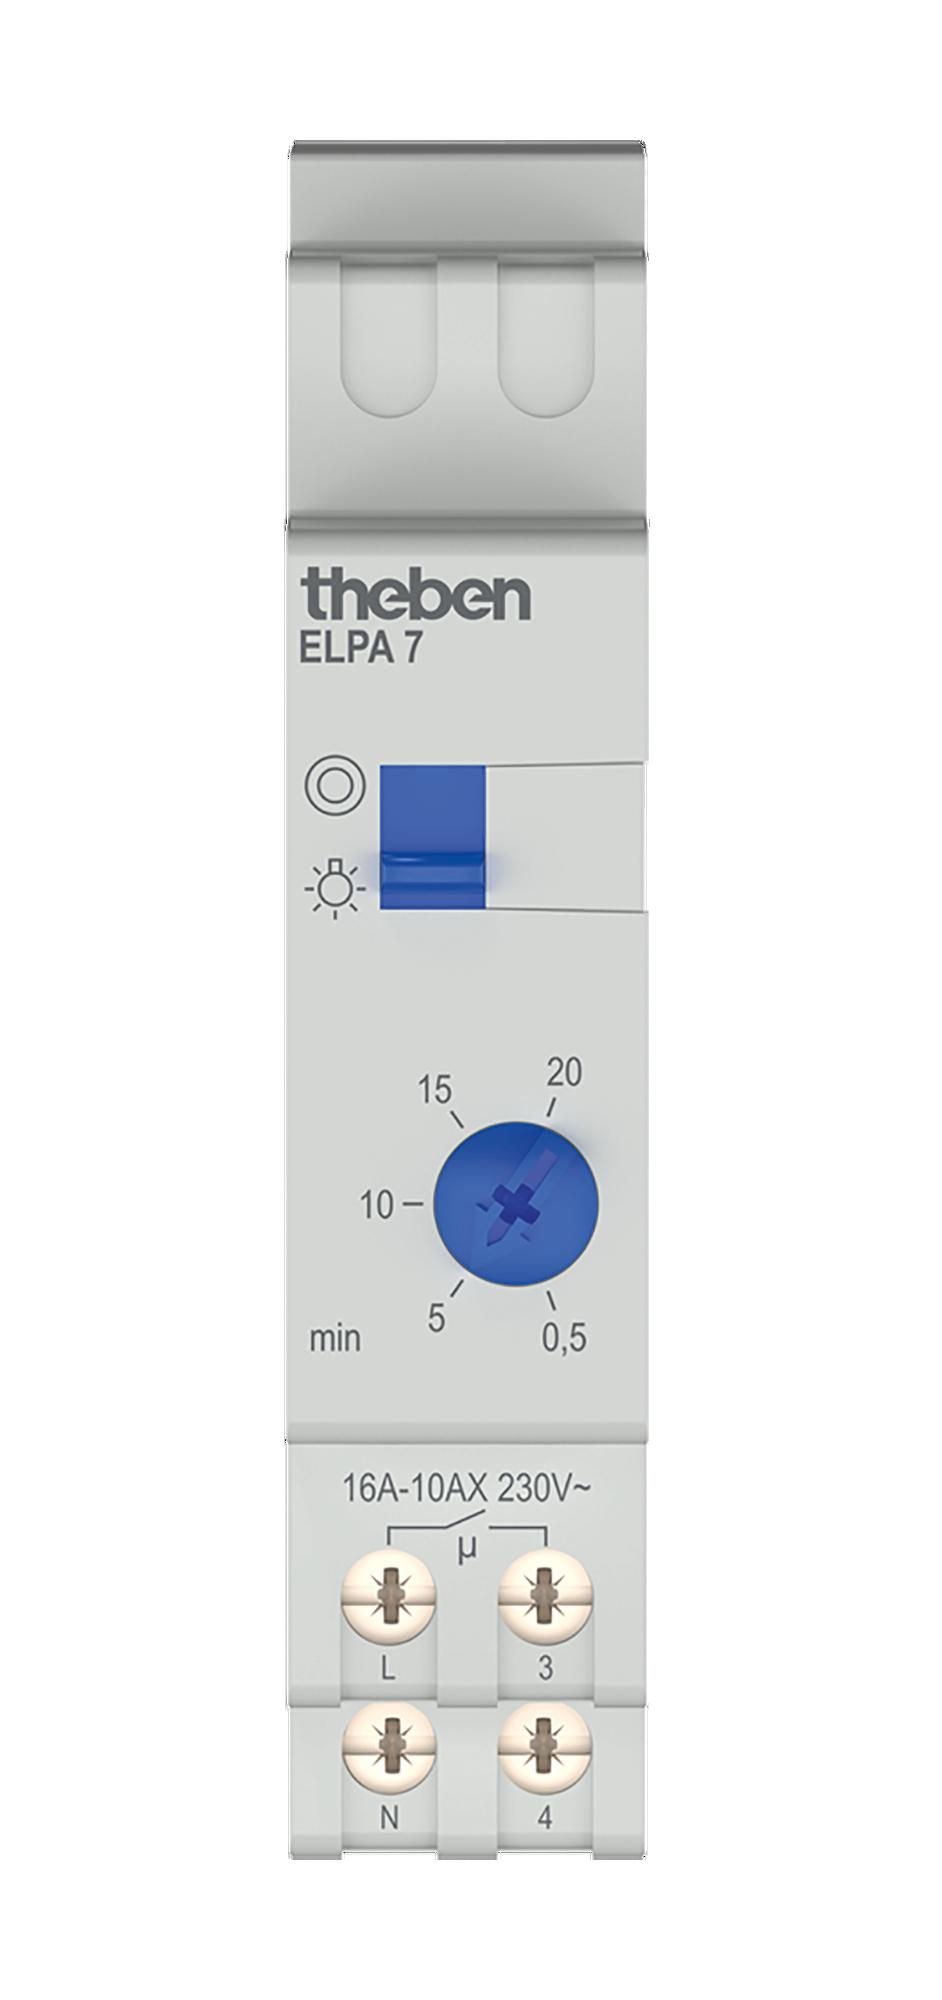 Theben ELPA 87 0870002 Interrupteur pour /éclairage descalier rail DIN /électrom/écanique minuterie